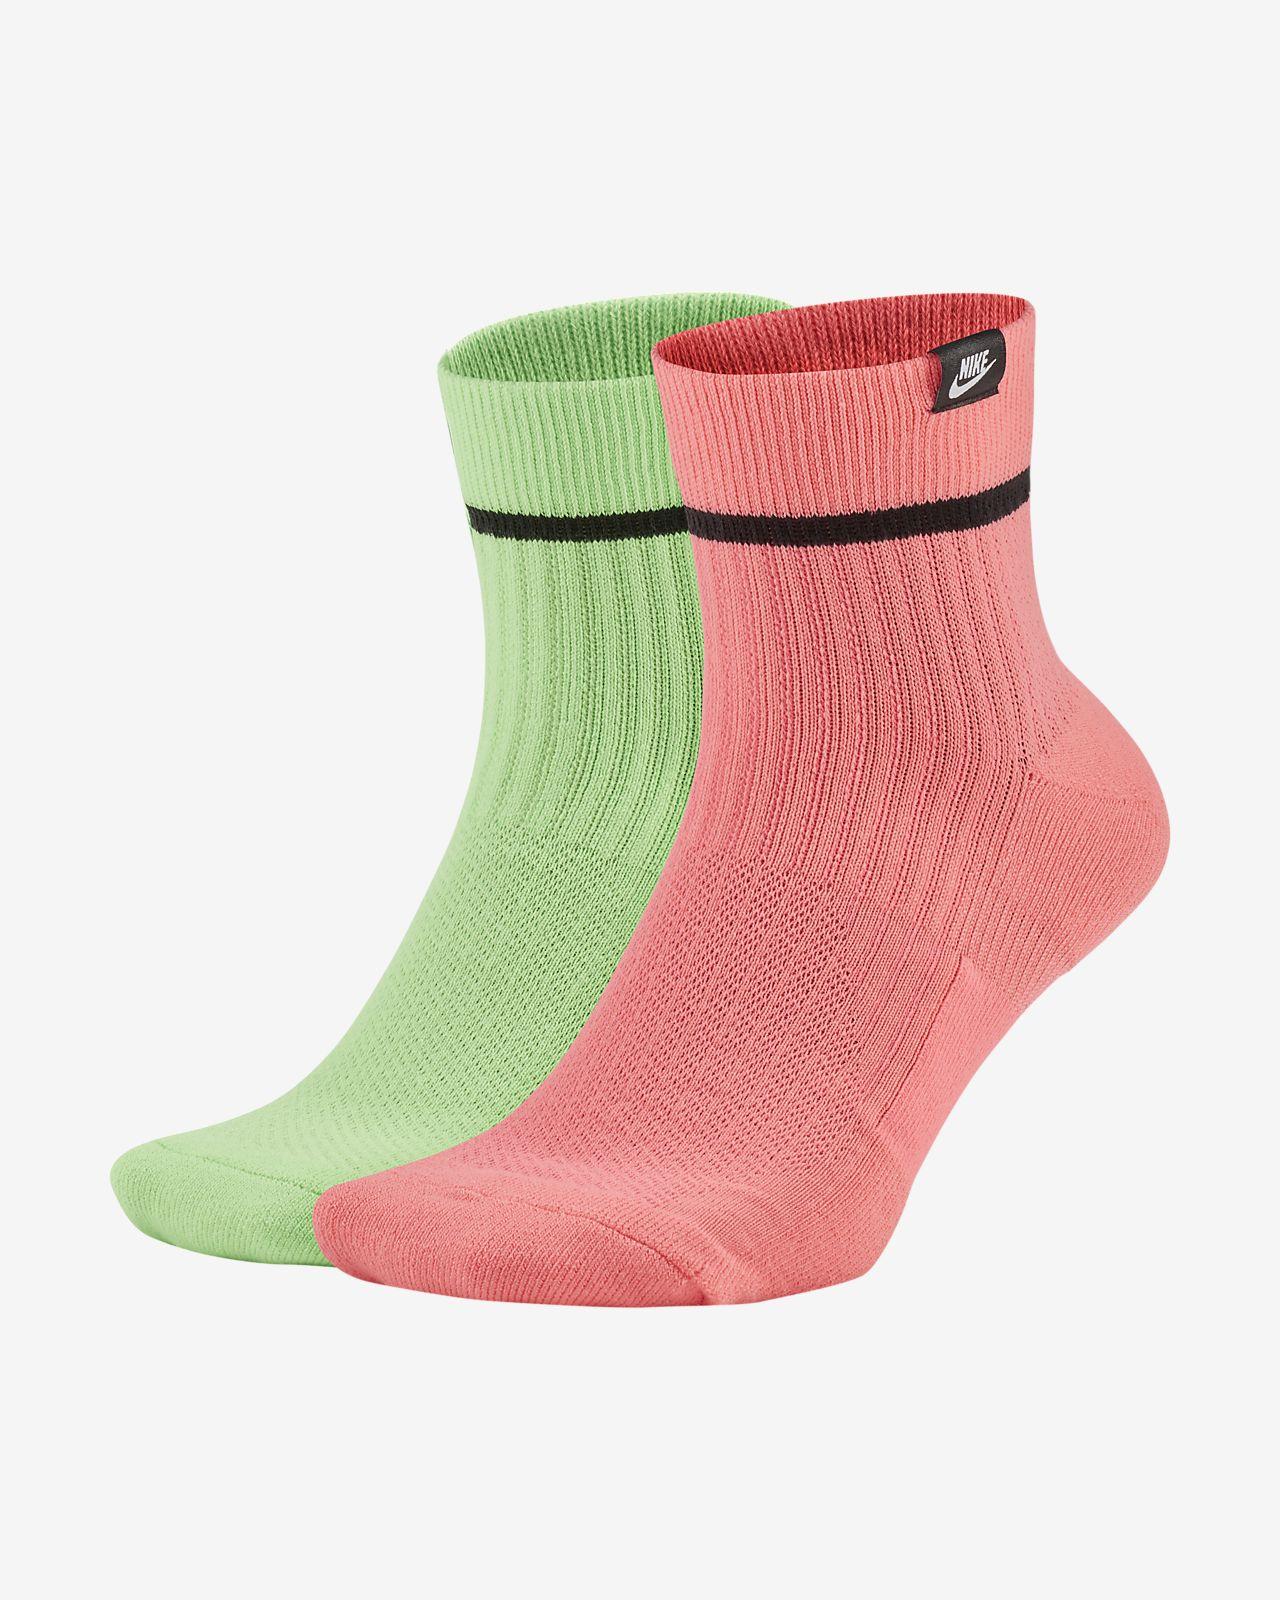 Nike SNEAKR Sox Calcetines hasta el tobillo (2 pares)